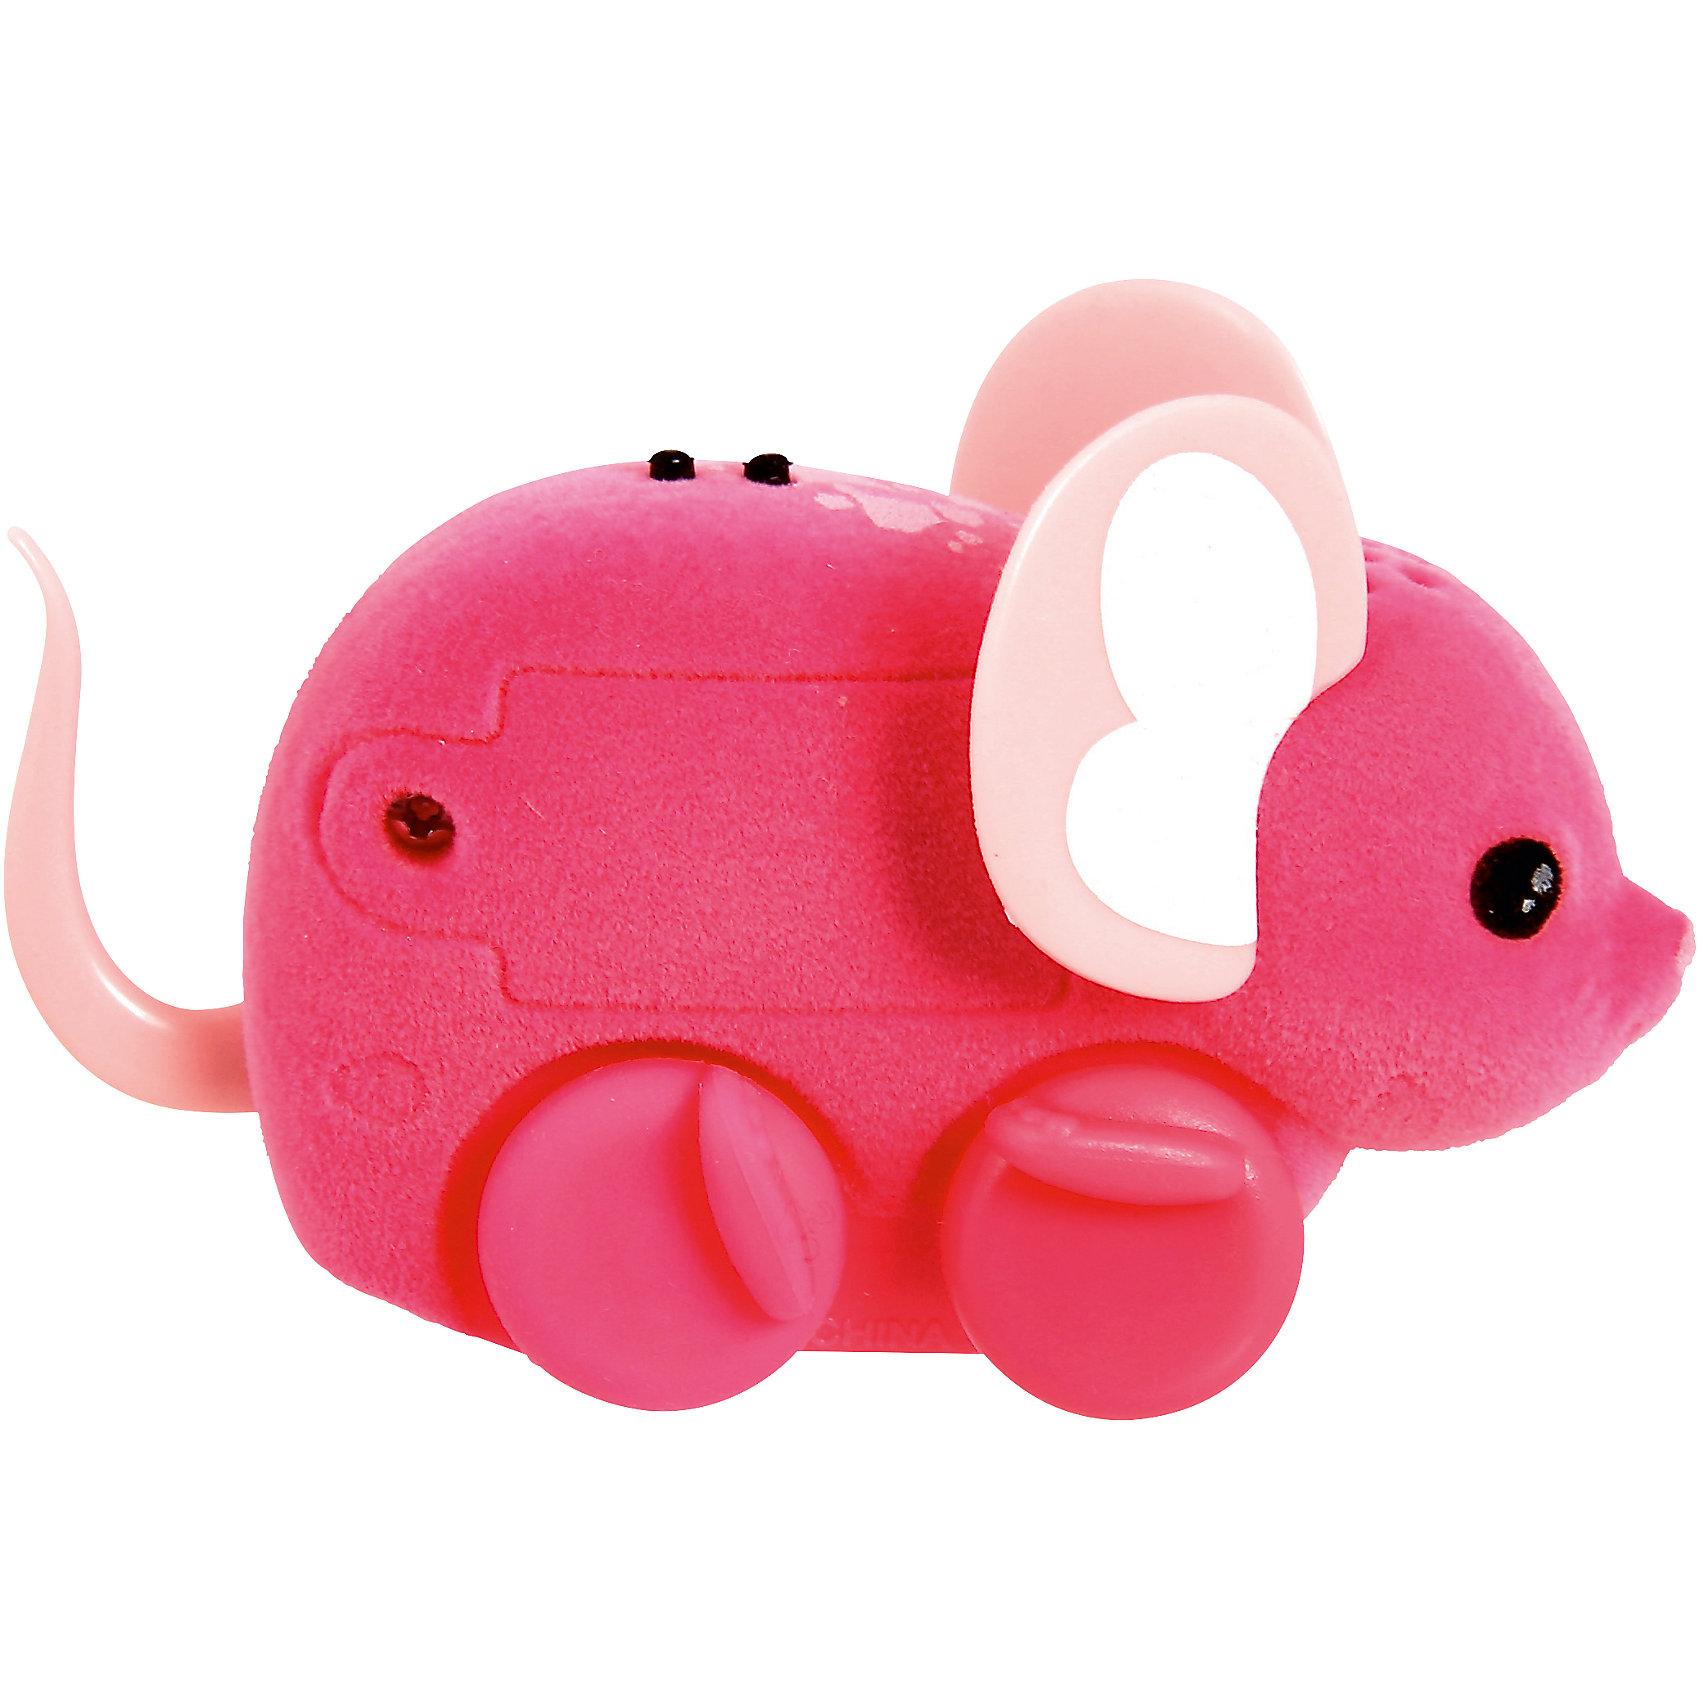 Интерактивная мышка Little Live Pets, розовая, MooseИнтерактивные животные<br>Интерактивная мышка Little Live Pets, Moose мягкая, как настоящая мышка. Она умеет быстро двигаться и крутиться. Сенсор на спине позволяет включить игрушку с помощью поглаживания, если мышка заснула. Кнопка включения расположена в области ротика. Такая замечательная мышка обязательно вызовет интерес у малыша!<br><br>Дополнительная информация:<br>Материал: пластик, флок<br>Цвет: розовый<br>Батарейки: AG13 (LR44) (входят в комплект)<br><br>Интерактивную мышку Little Live Pets, Moose вы можете приобрести в нашем интернет-магазине.<br><br>Ширина мм: 225<br>Глубина мм: 159<br>Высота мм: 50<br>Вес г: 78<br>Возраст от месяцев: 60<br>Возраст до месяцев: 108<br>Пол: Женский<br>Возраст: Детский<br>SKU: 4898559